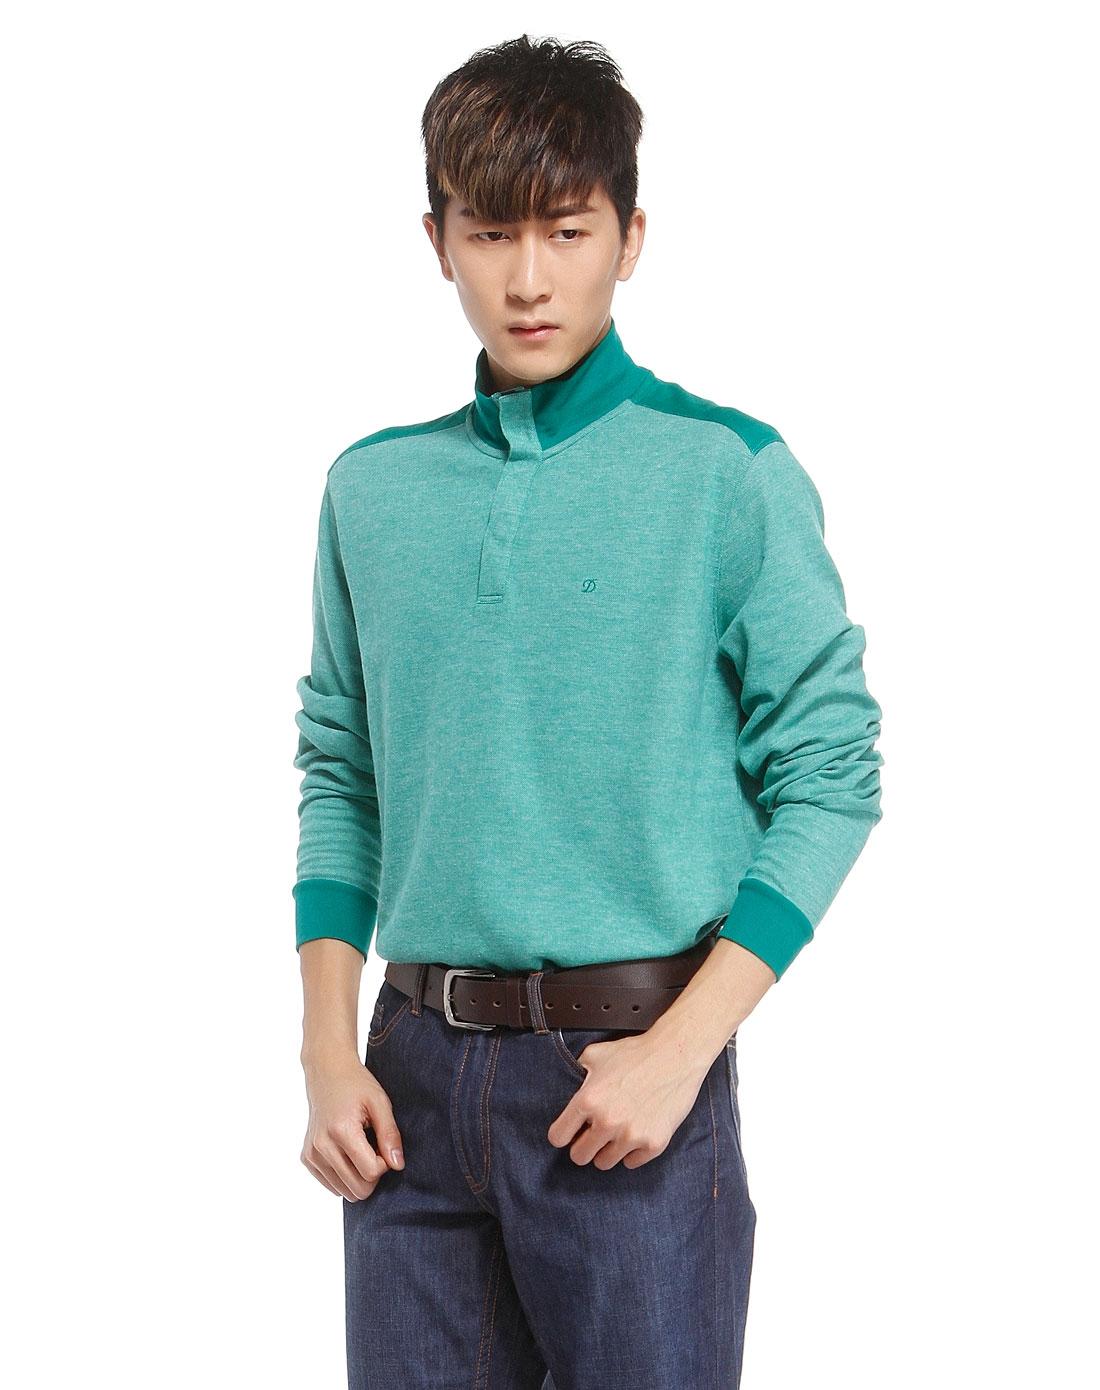 男手绘头像绿毛衣